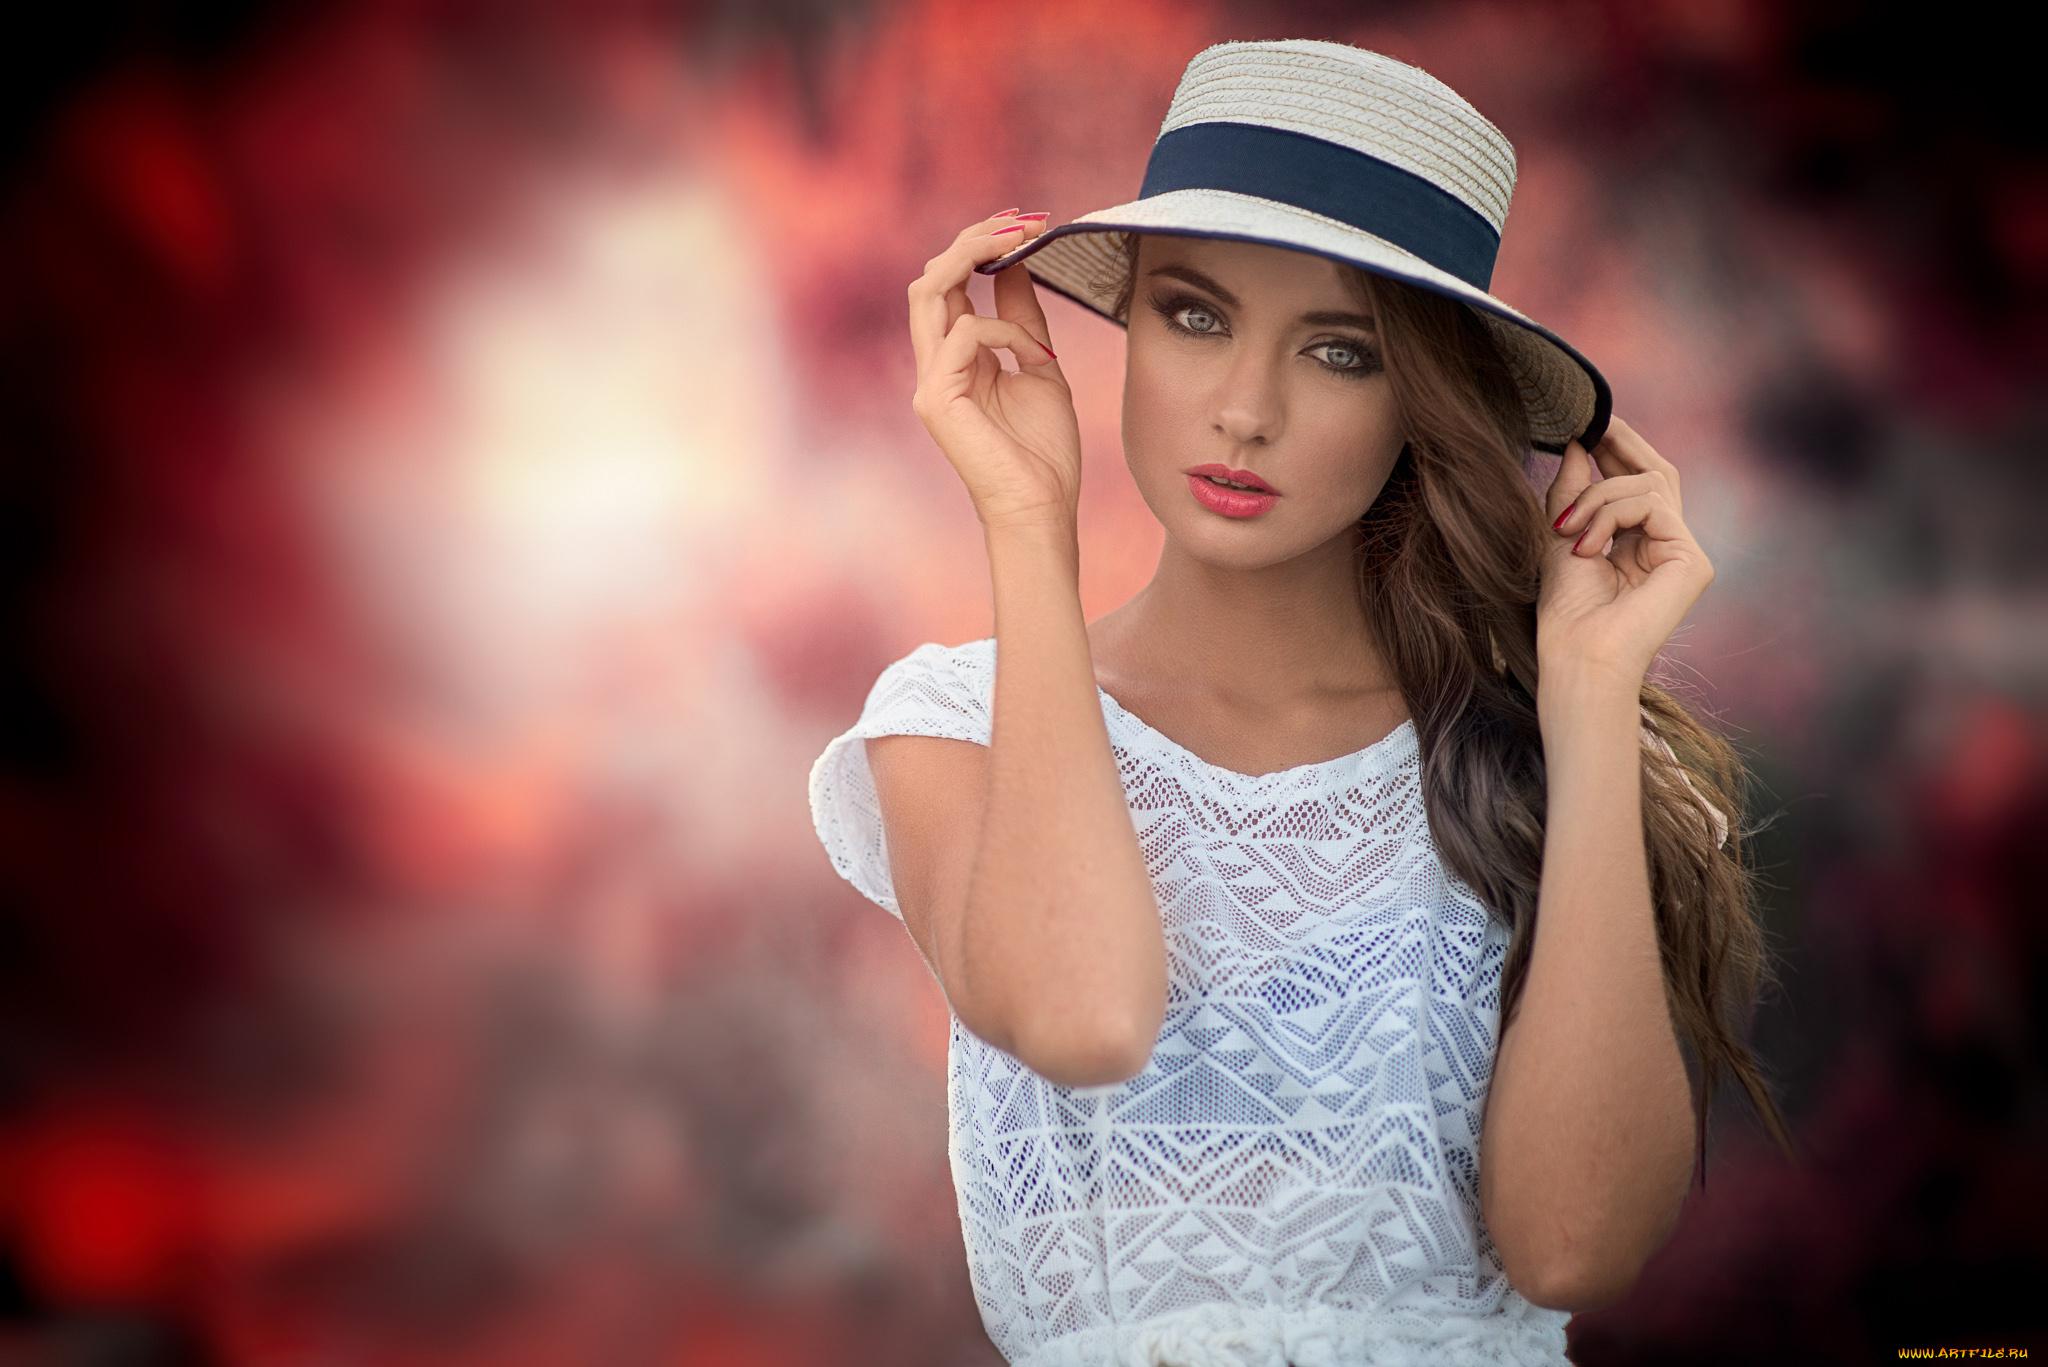 девушка шляпка лицо взгляд без смс